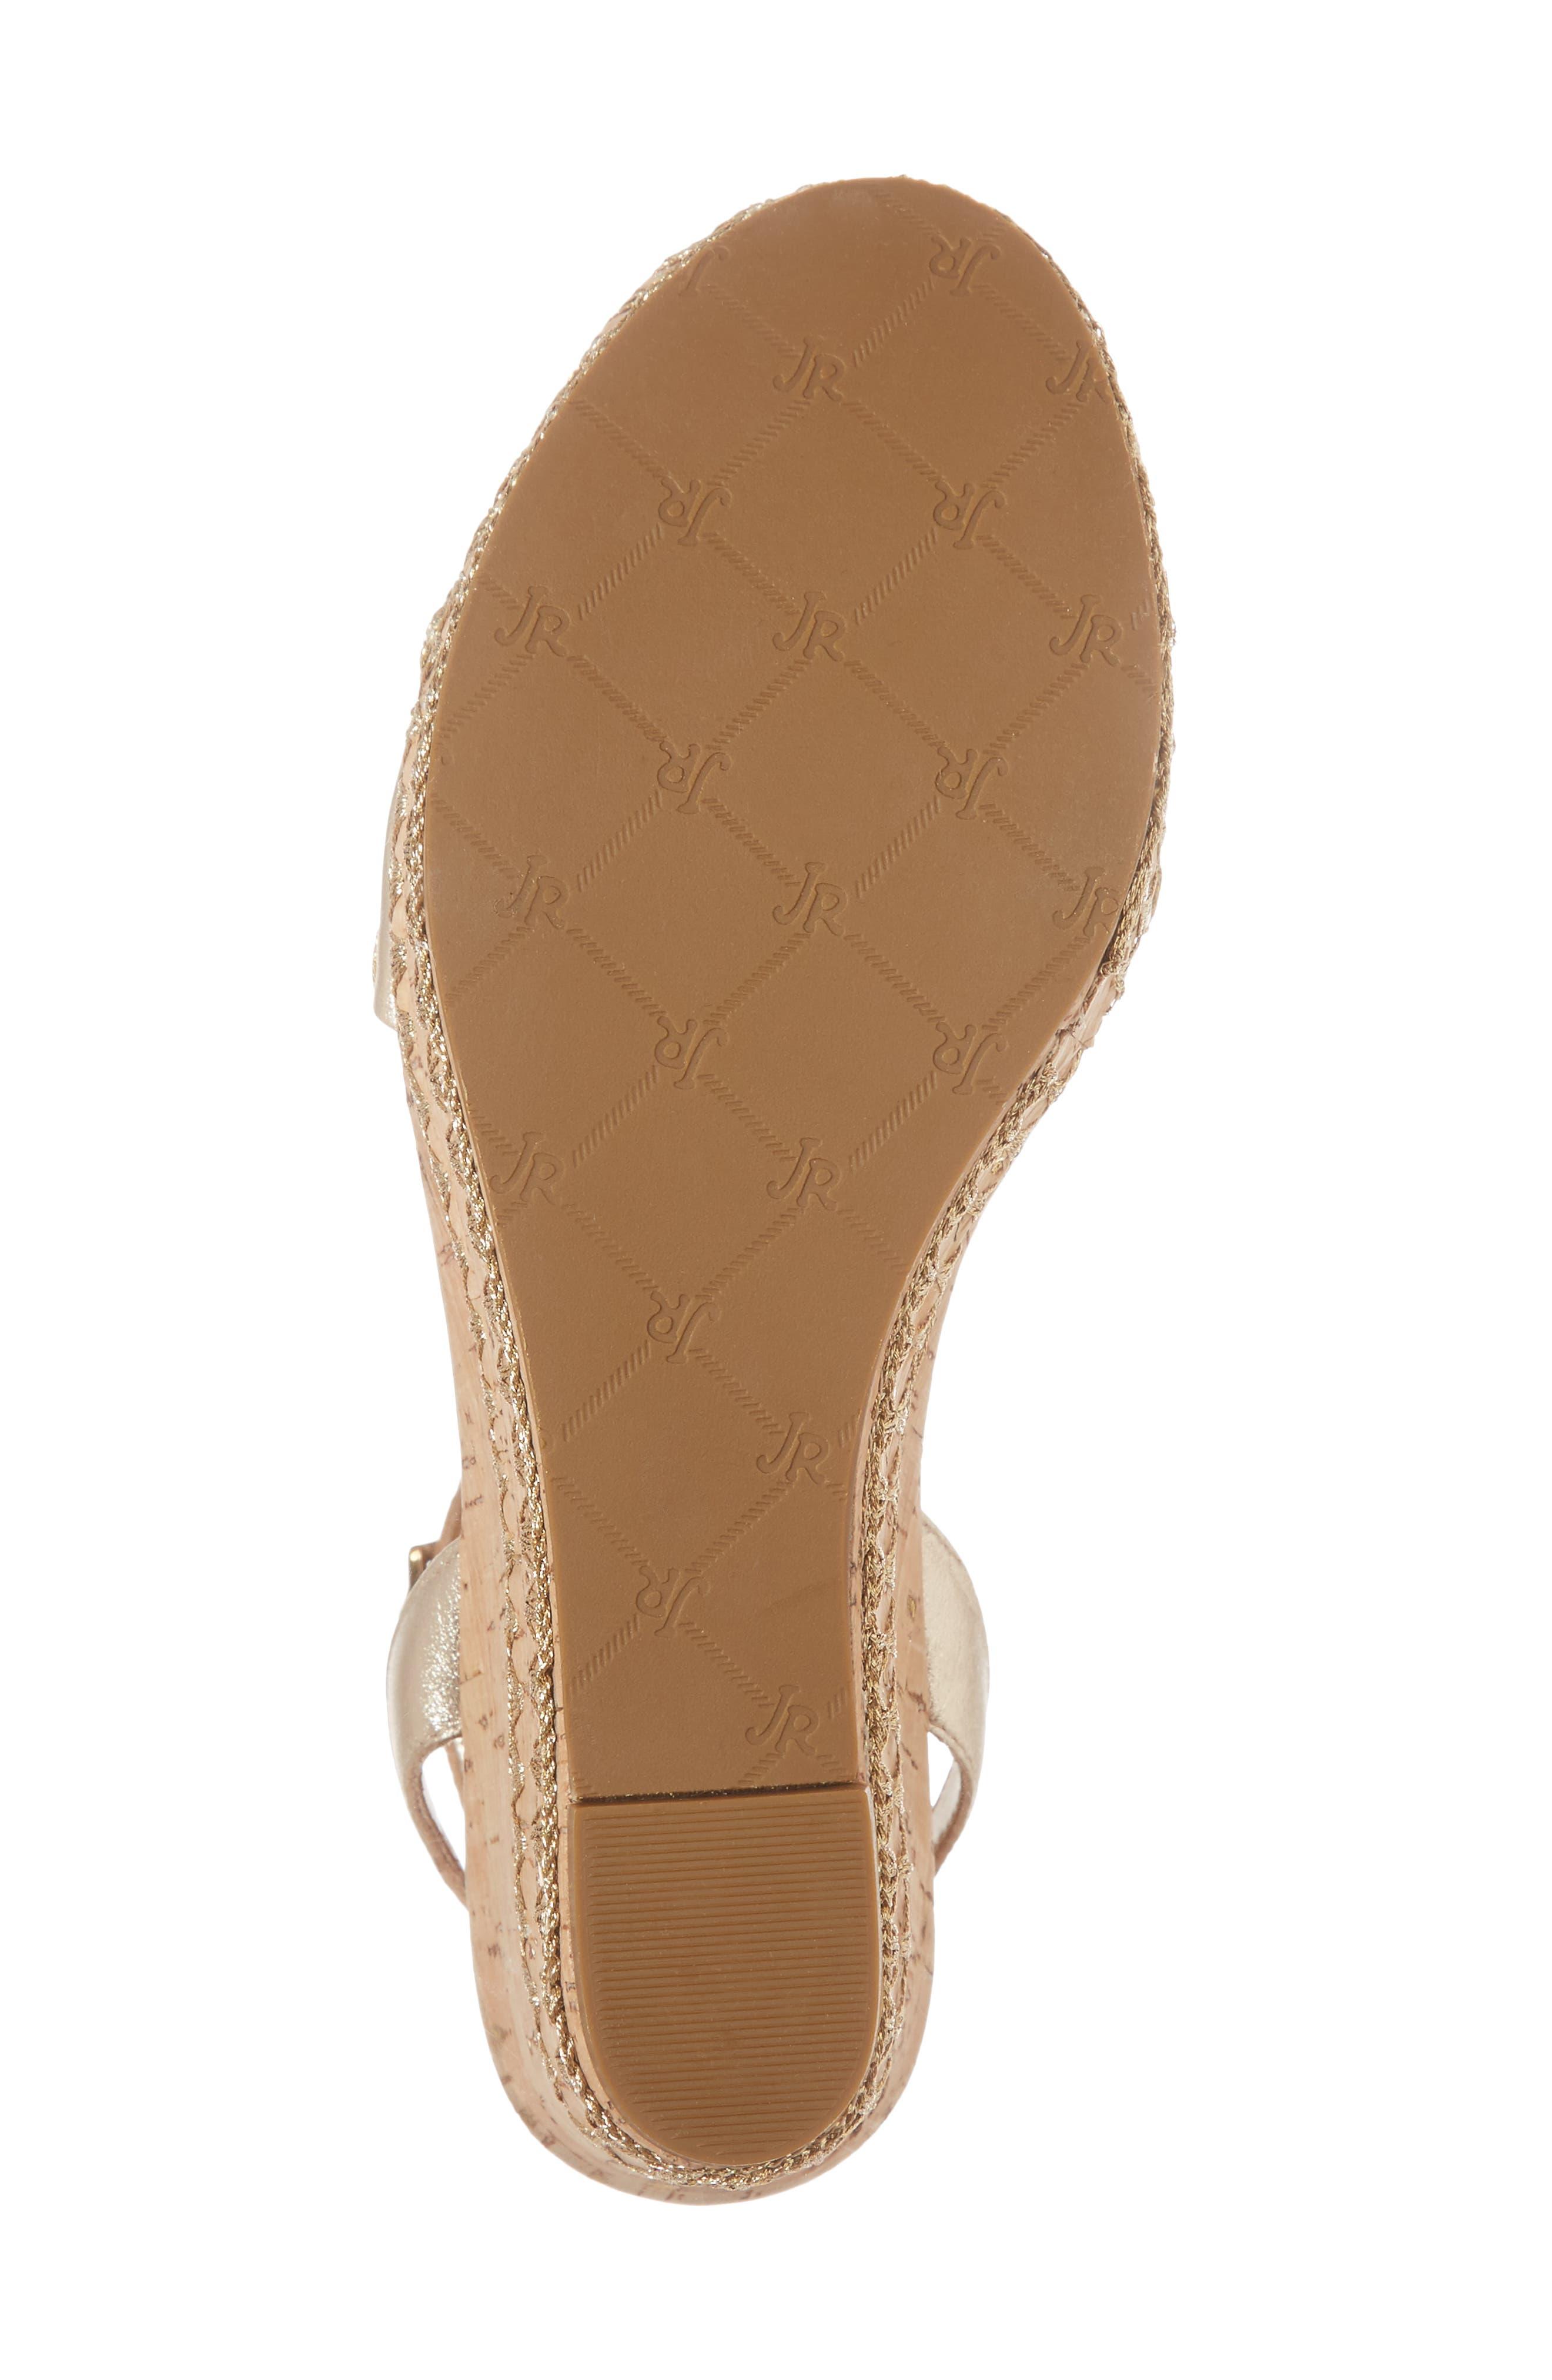 Lennon Platform Wedge Sandal,                             Alternate thumbnail 6, color,                             040